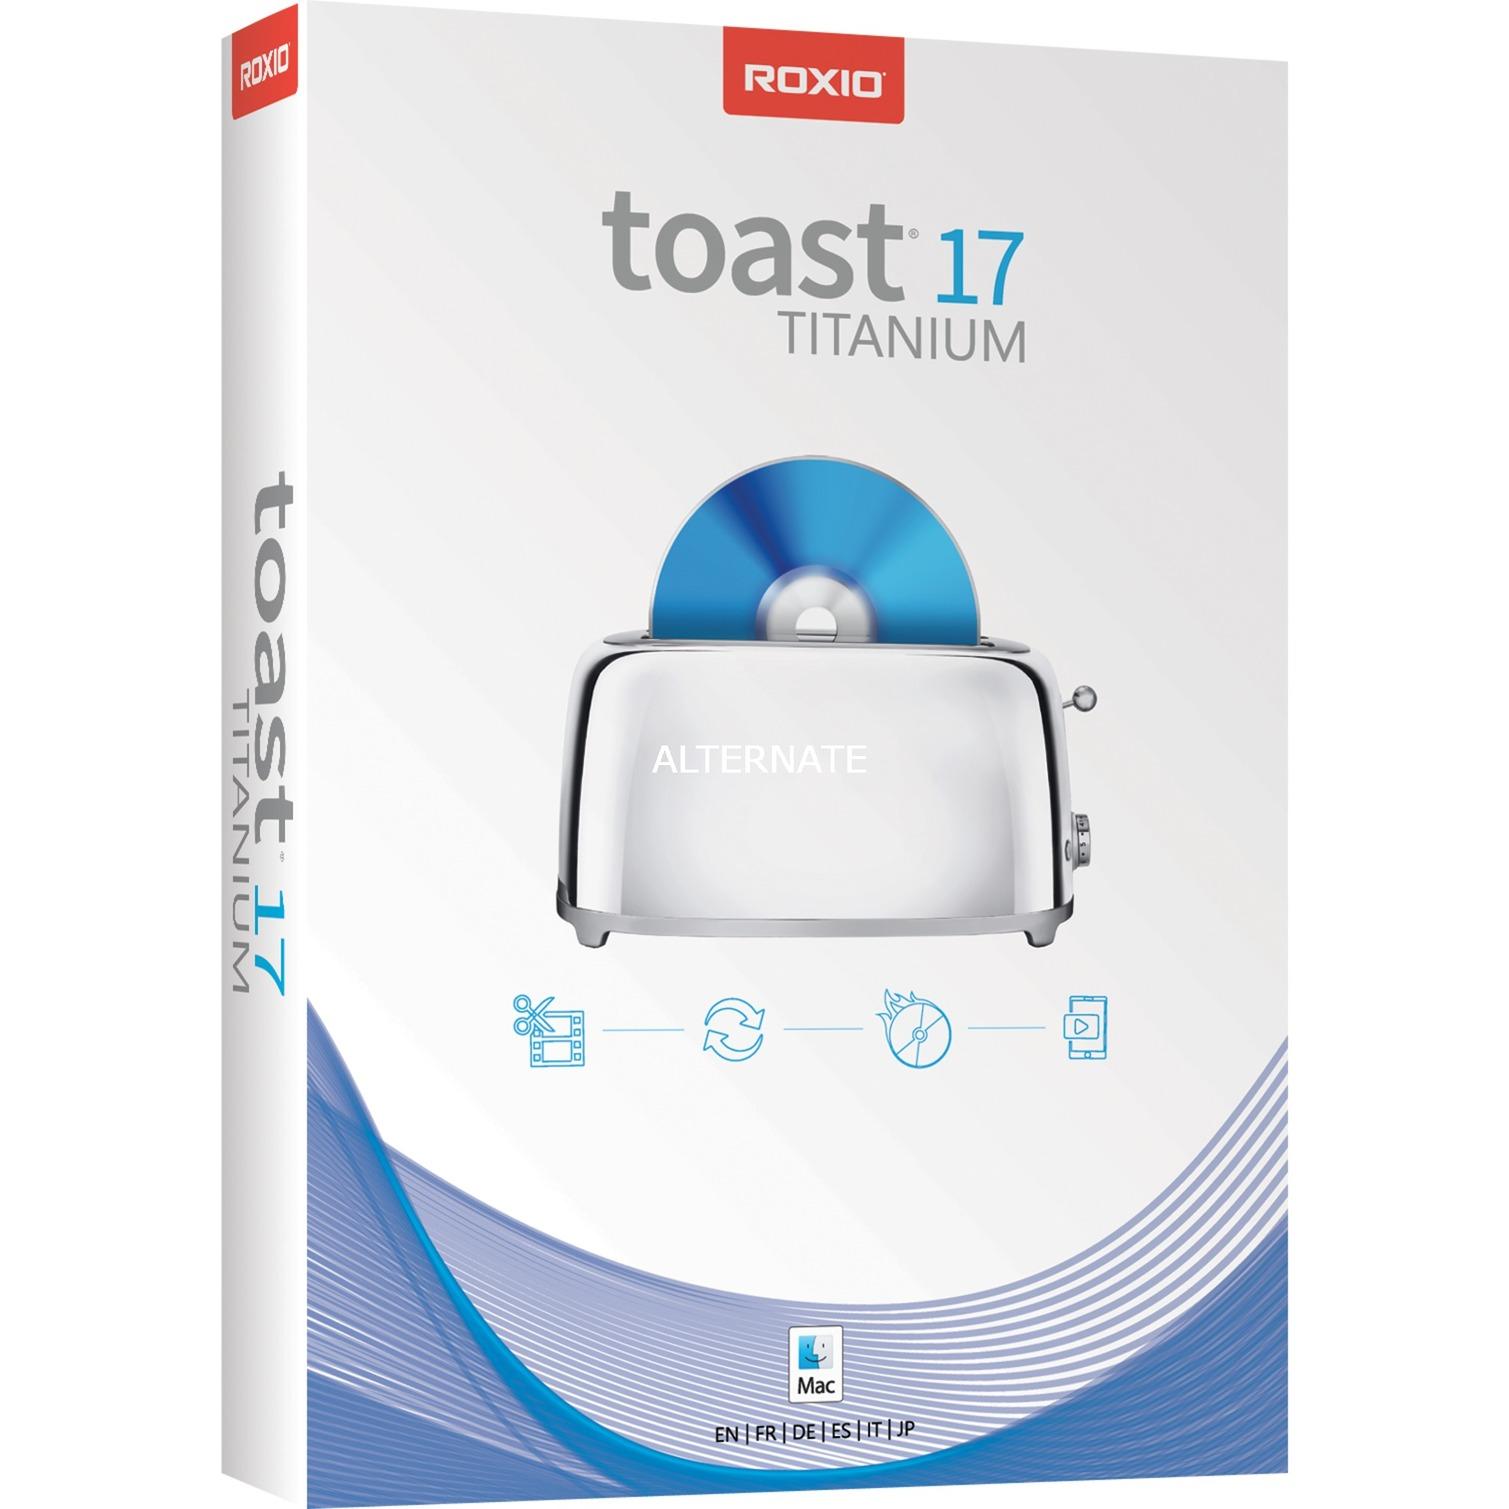 Roxio Toast 17 Titanium, Software